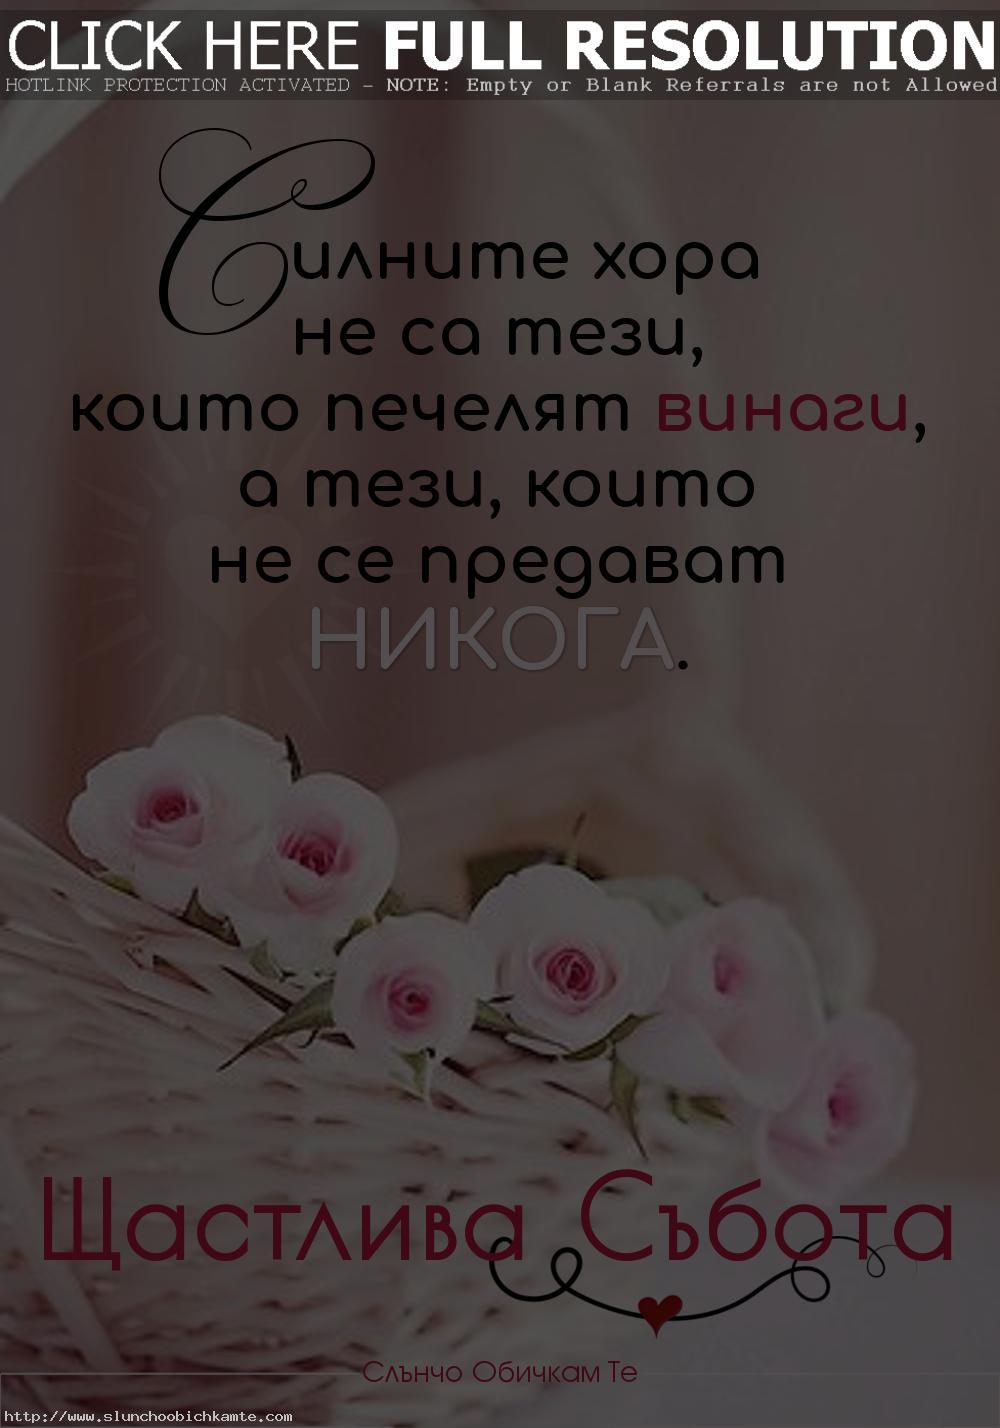 пожелания за добро утро, щастлива събота, добро утро в събота, добро съботно утро, хубав уикенд, хубава събота, приятна събота - Силните хора не са тези, които печелят винаги, а тези, които не се предават никога